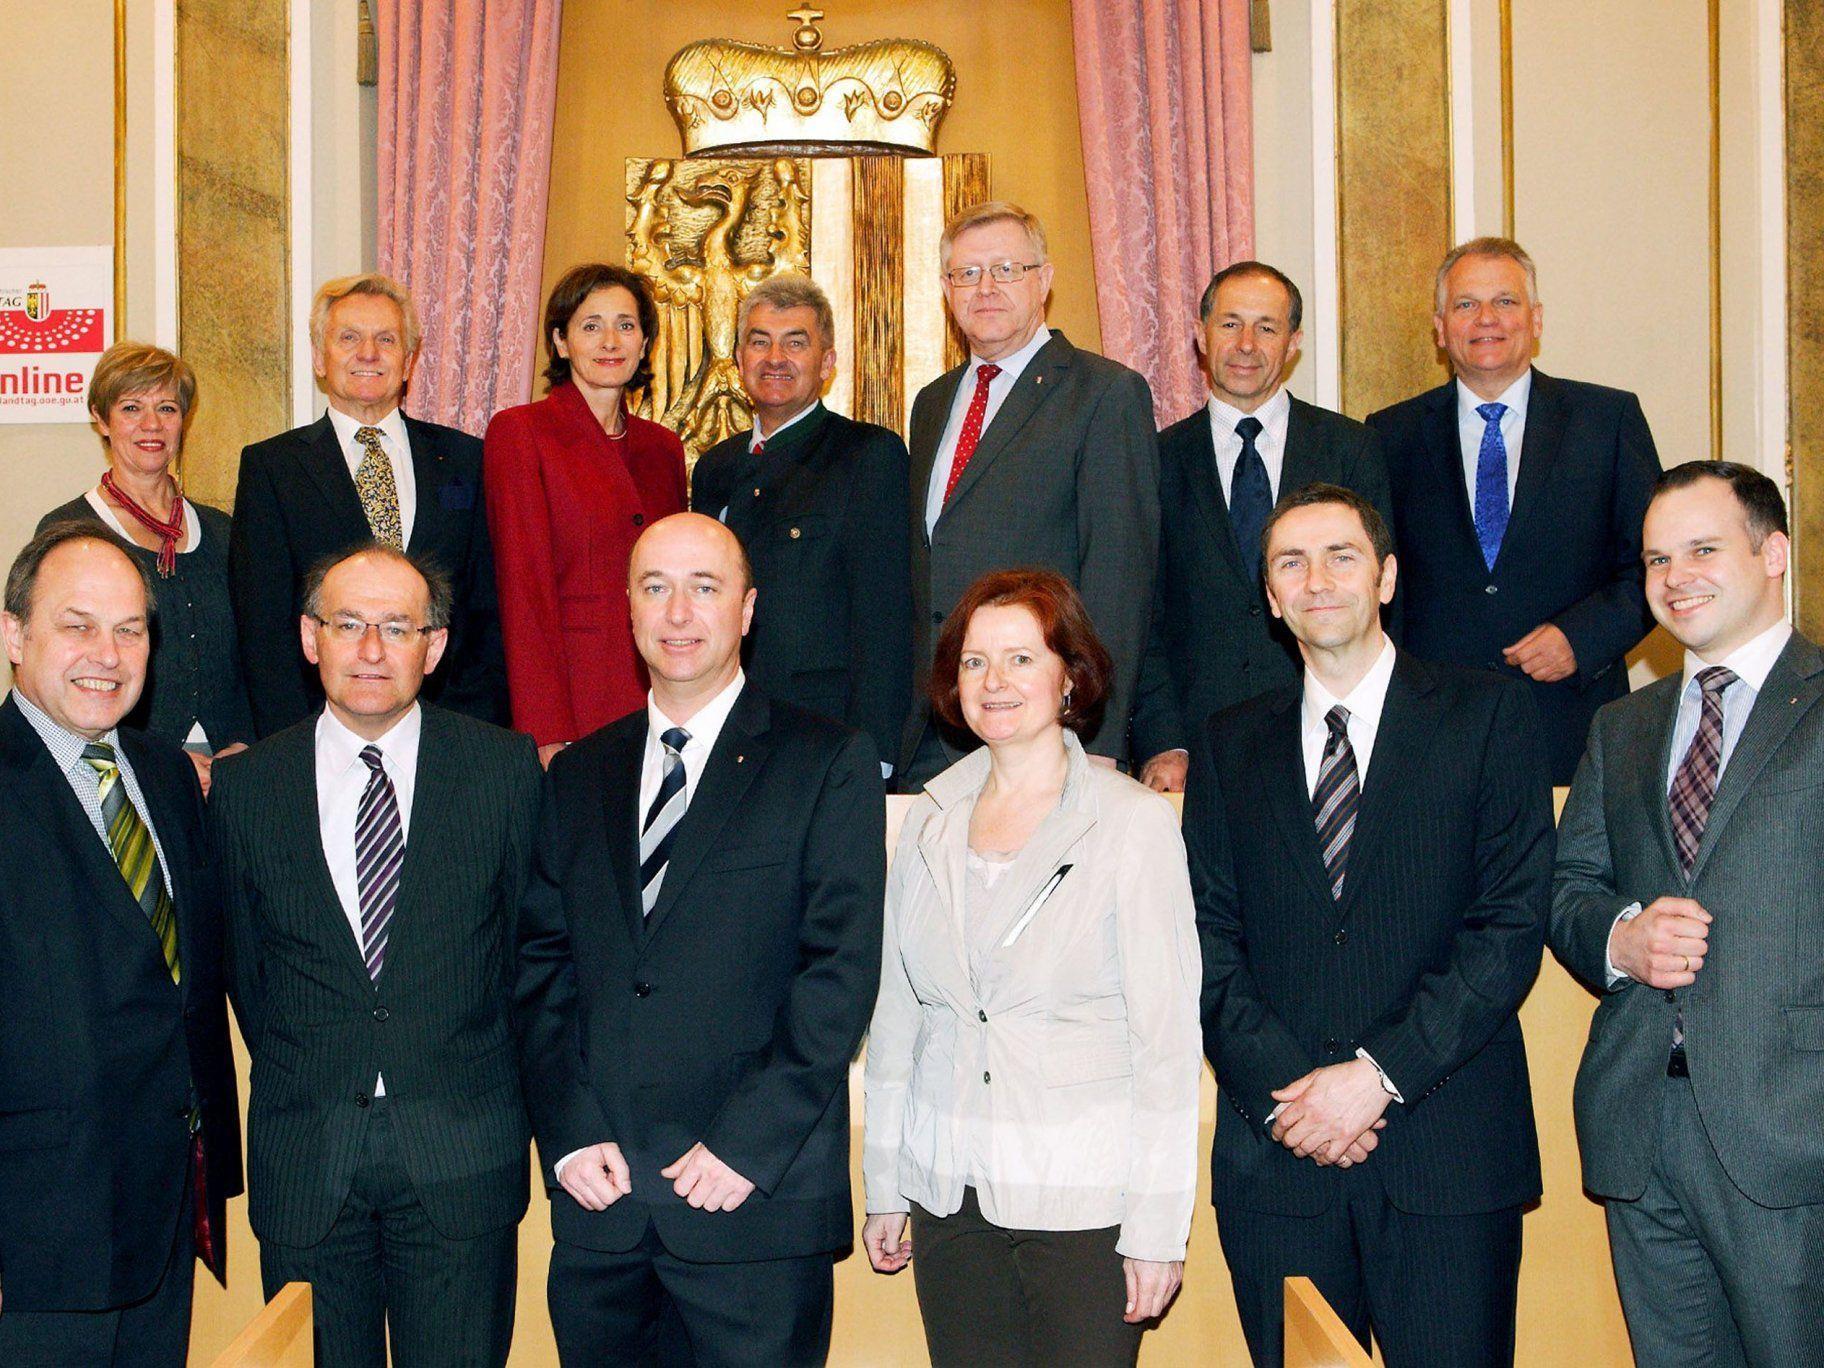 Die Föderalismus-Konferenz machte sich für ein Vetorecht des Bundesrates stark